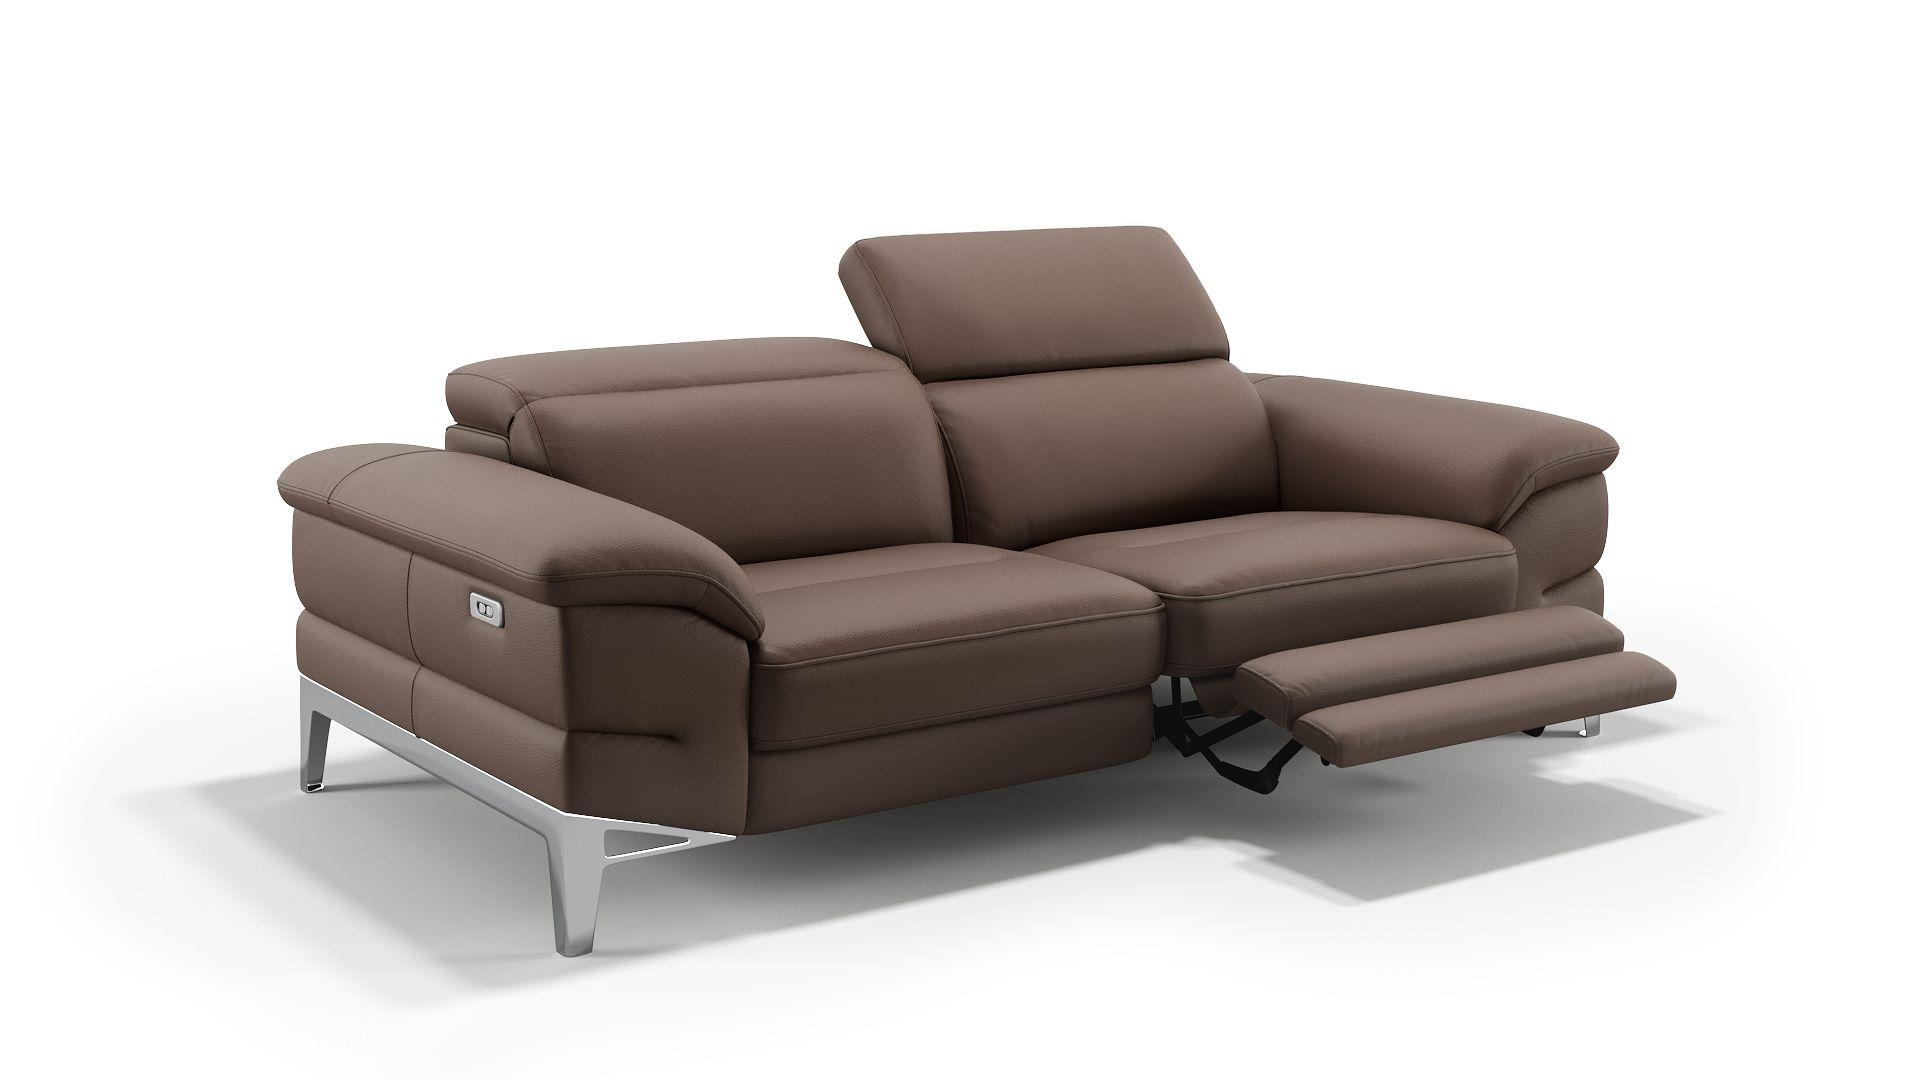 Leder 2-Sitzer Sofa MARANELLO